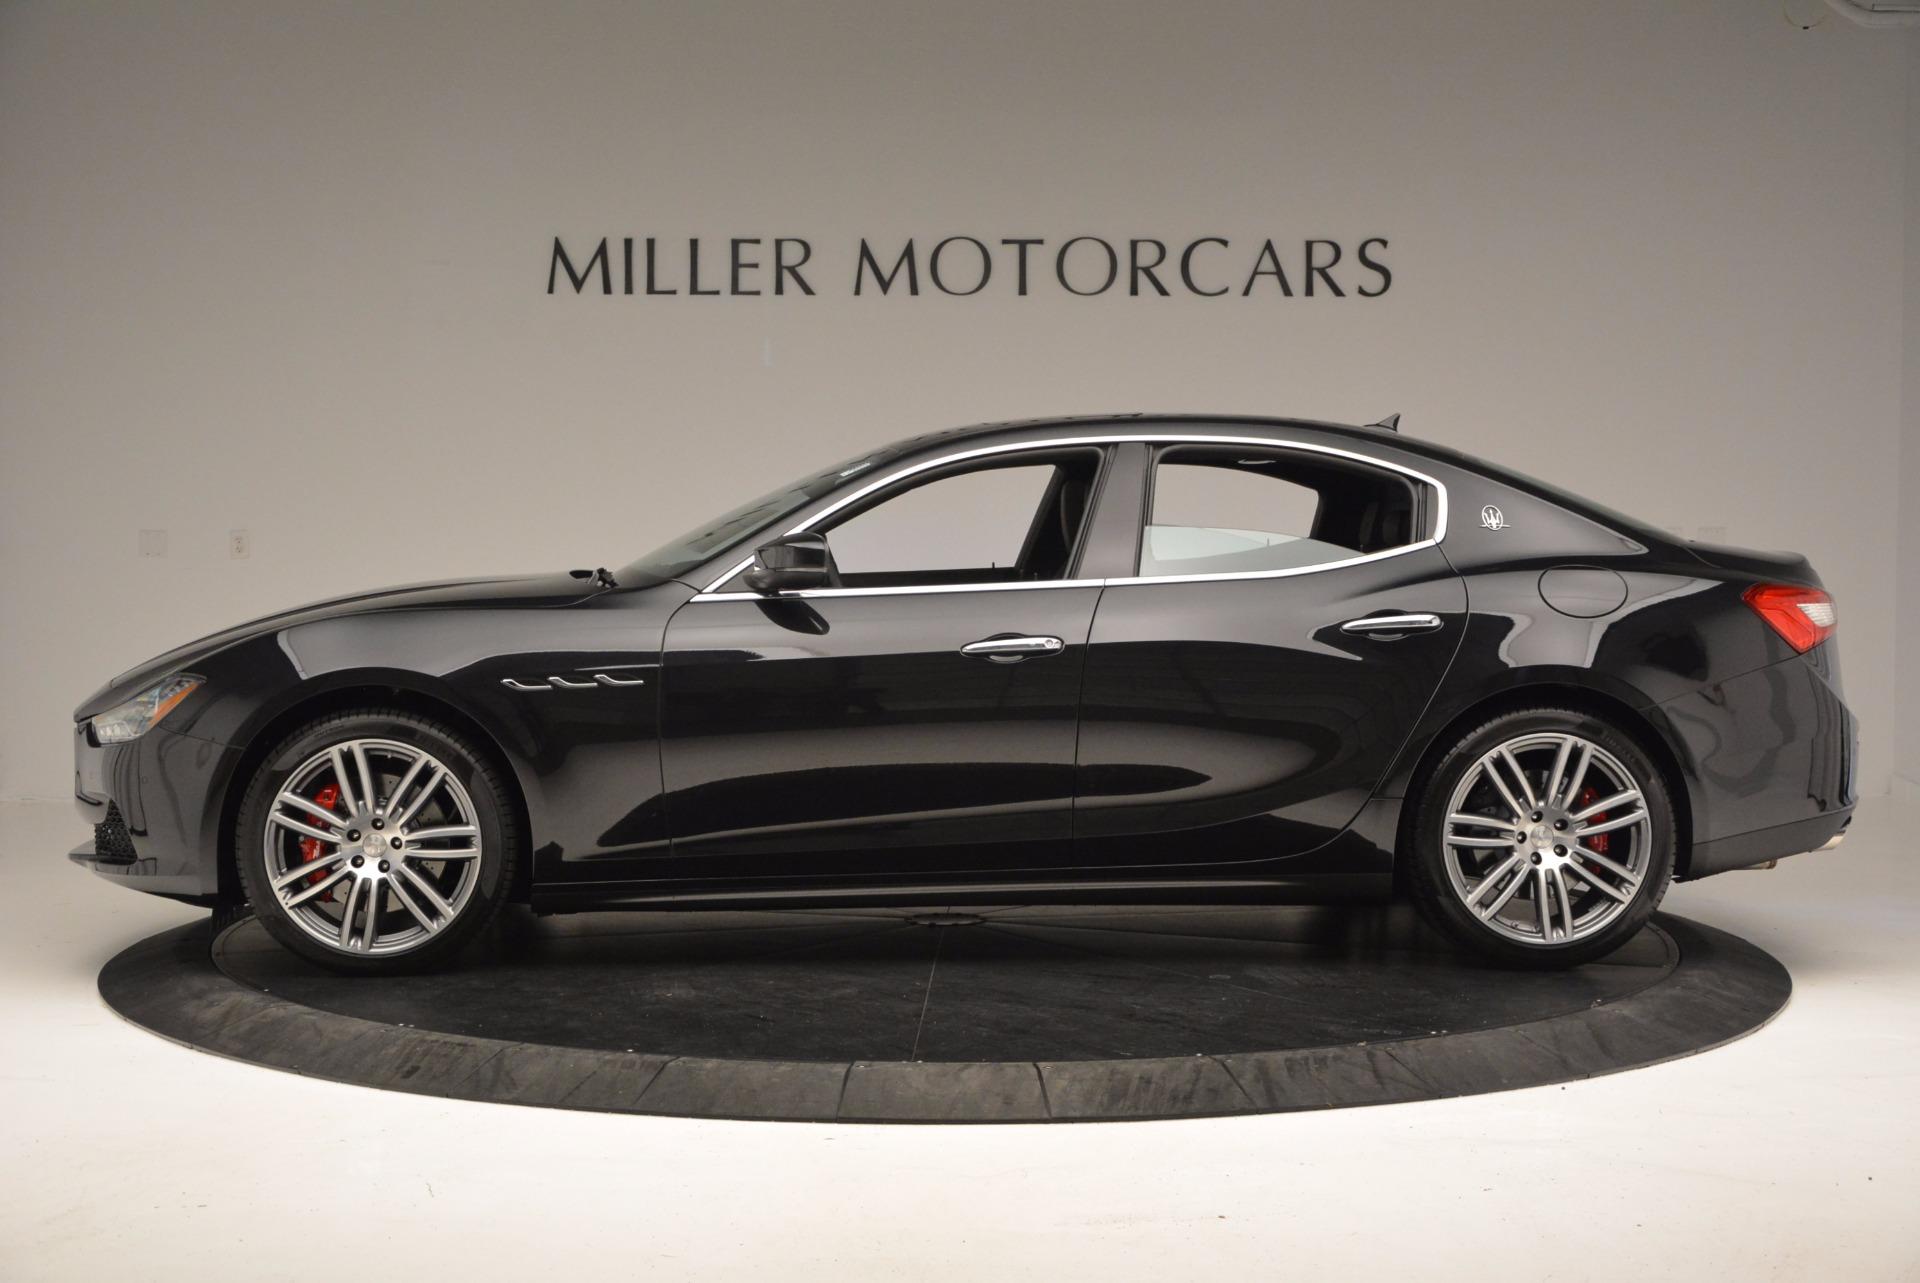 New 2017 Maserati Ghibli S Q4 For Sale In Greenwich, CT 1022_p3